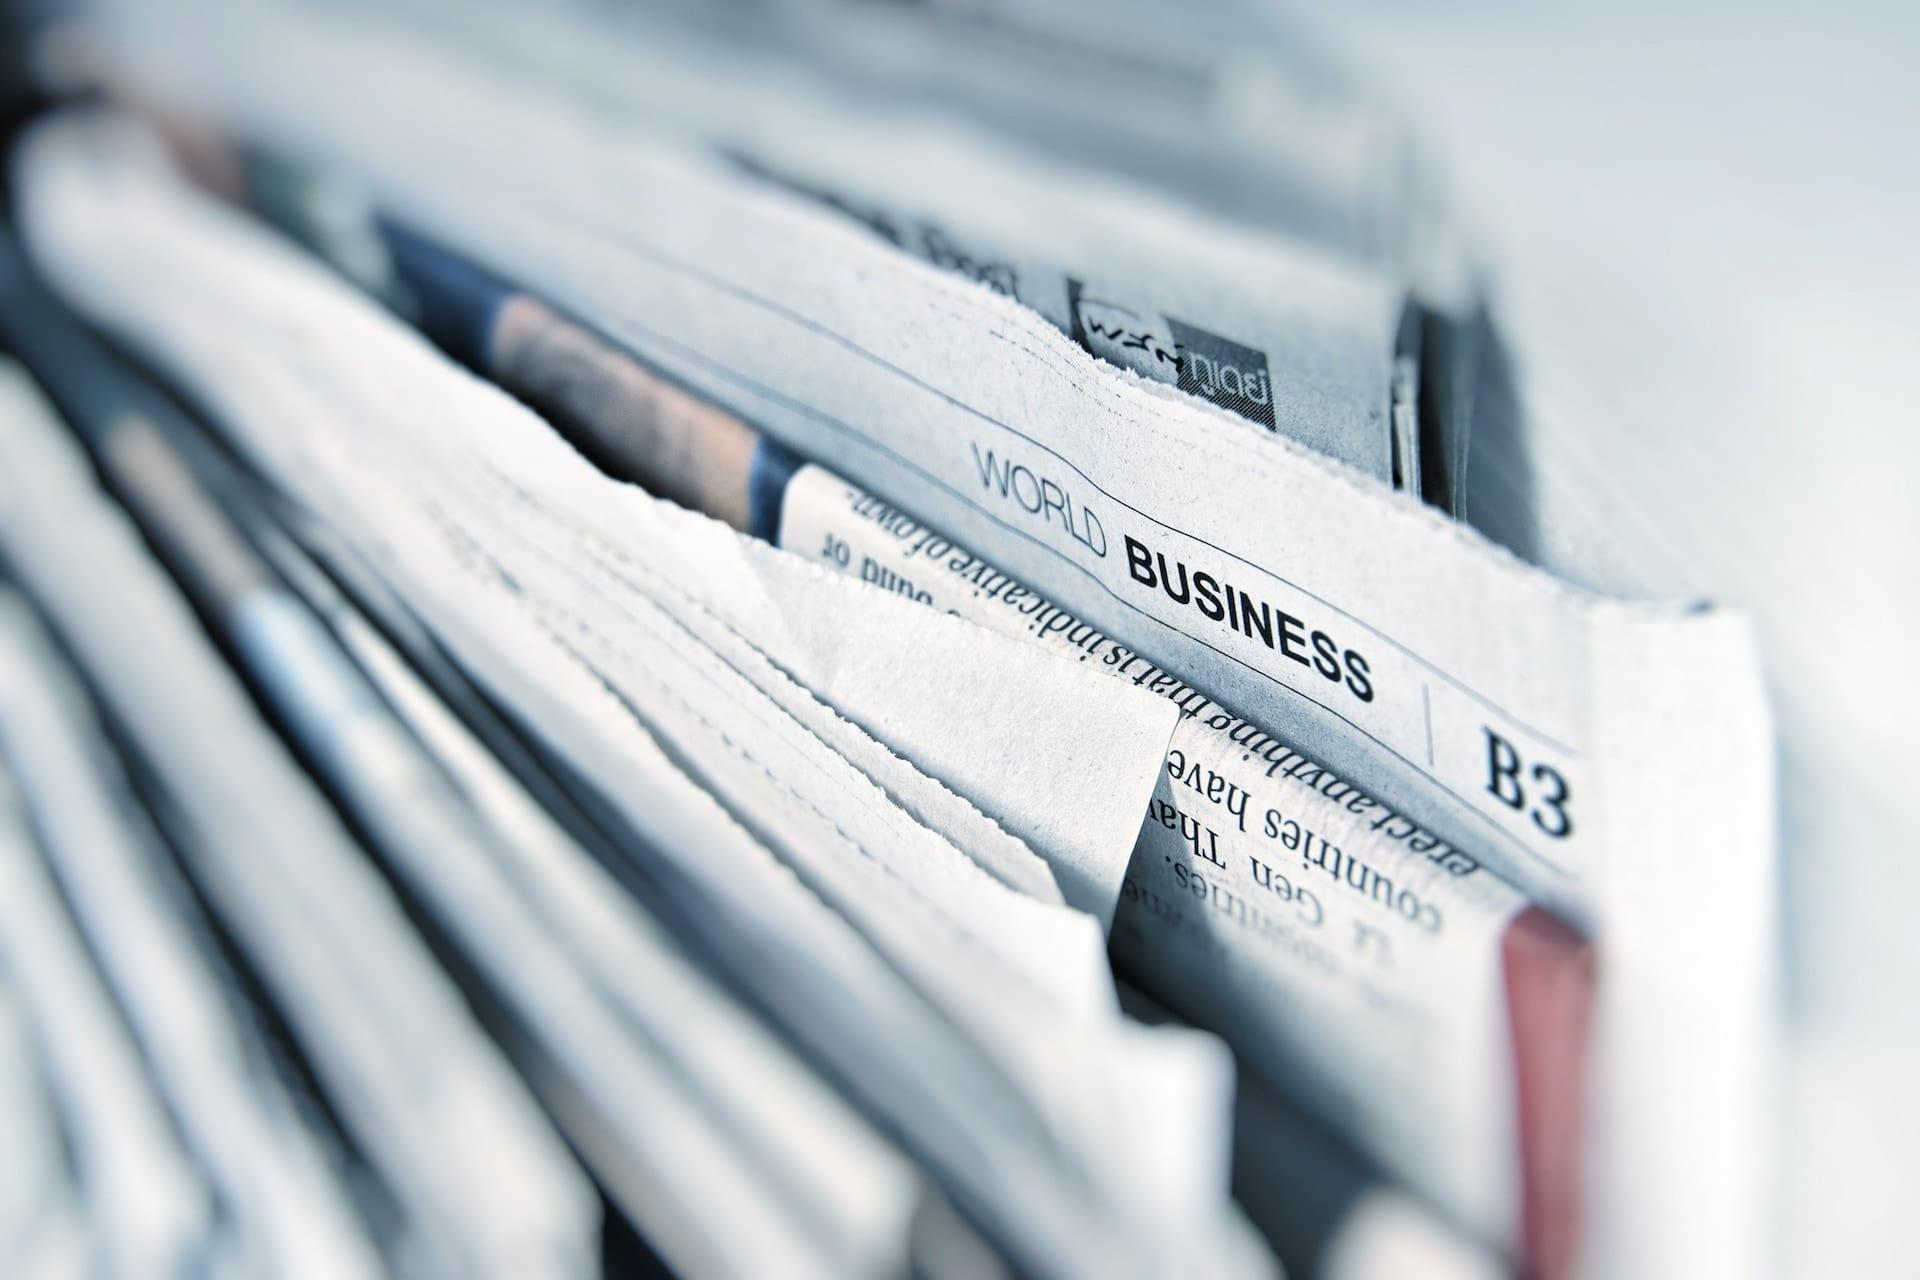 """Nærbilde av mange aviser med skriften """"world business"""" er i fokus"""